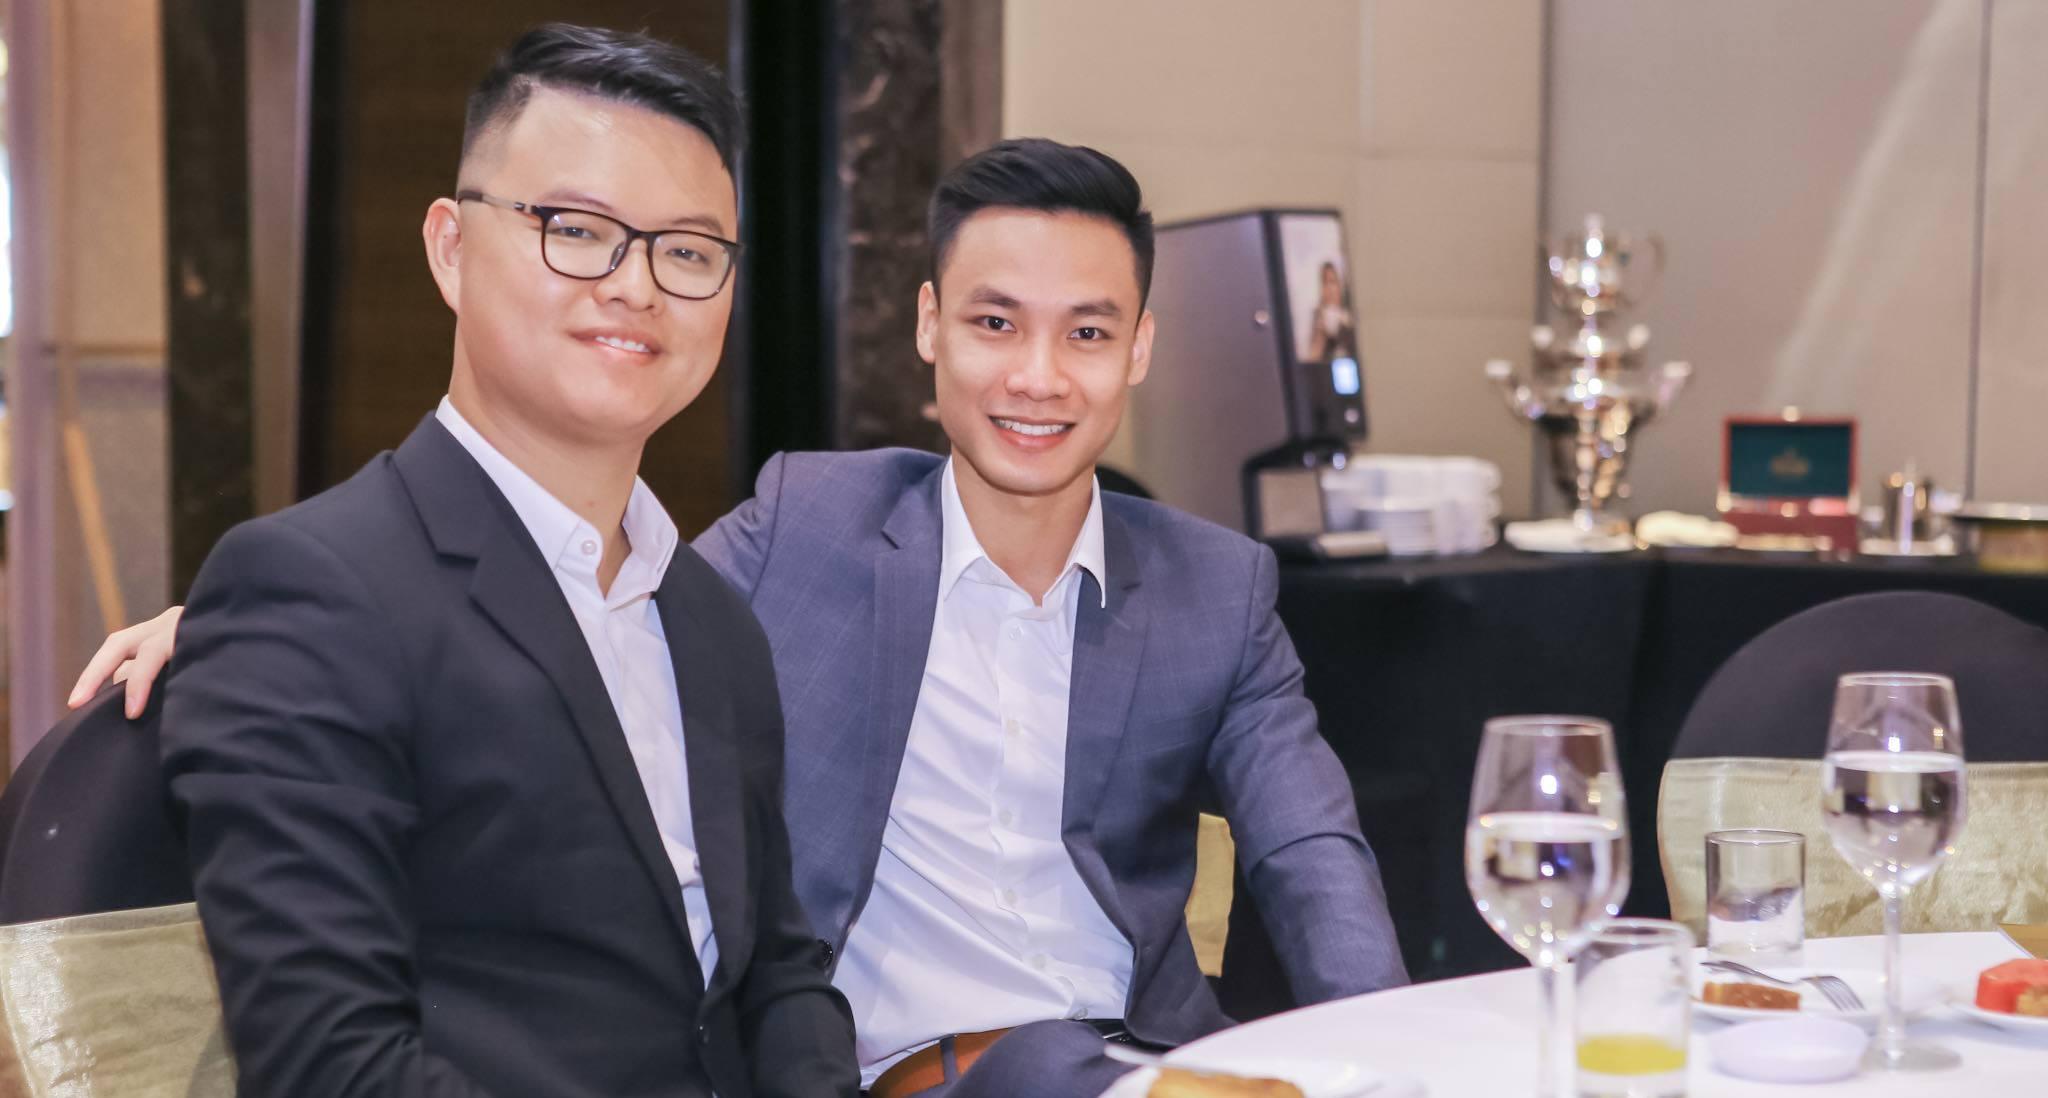 Tập đoàn ResHP Việt Nam khai giảng khóa học chăm sóc da từ cơ bản đến nâng cao đầu tiên tại Hà Nội  - Ảnh 3